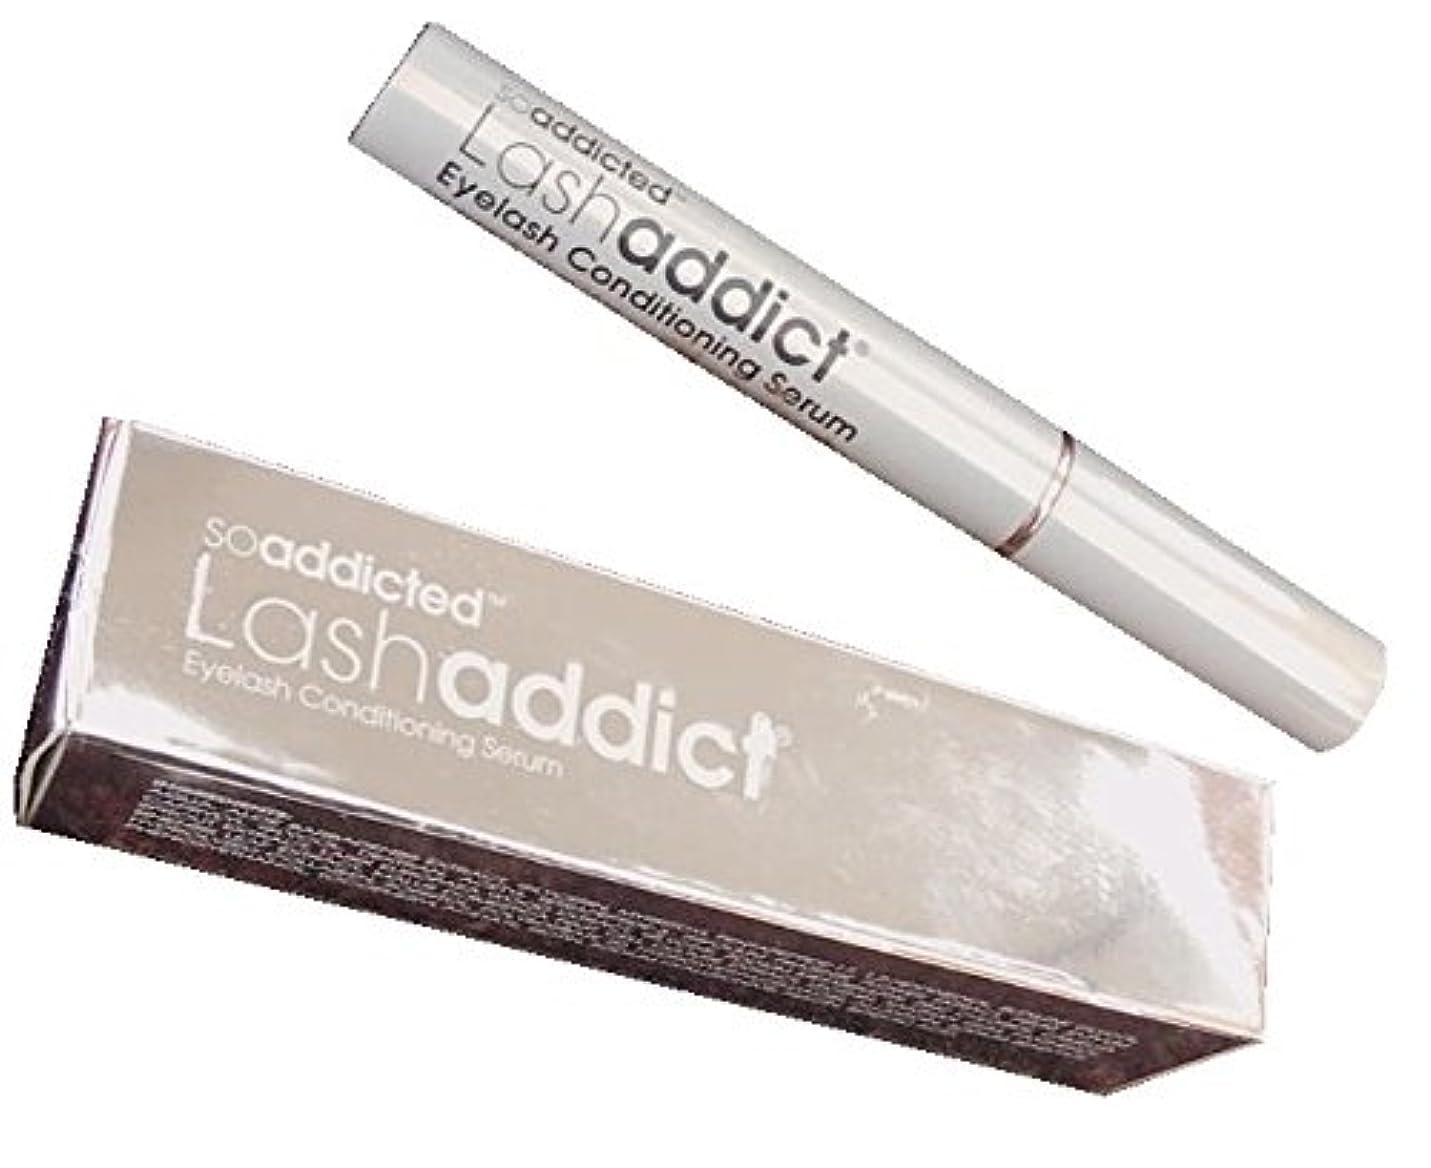 試験才能恥ラッシュアディクト アイラッシュ コンディショニング セラム 5ml (まつ毛美容液) -Lashaddict I LASH-